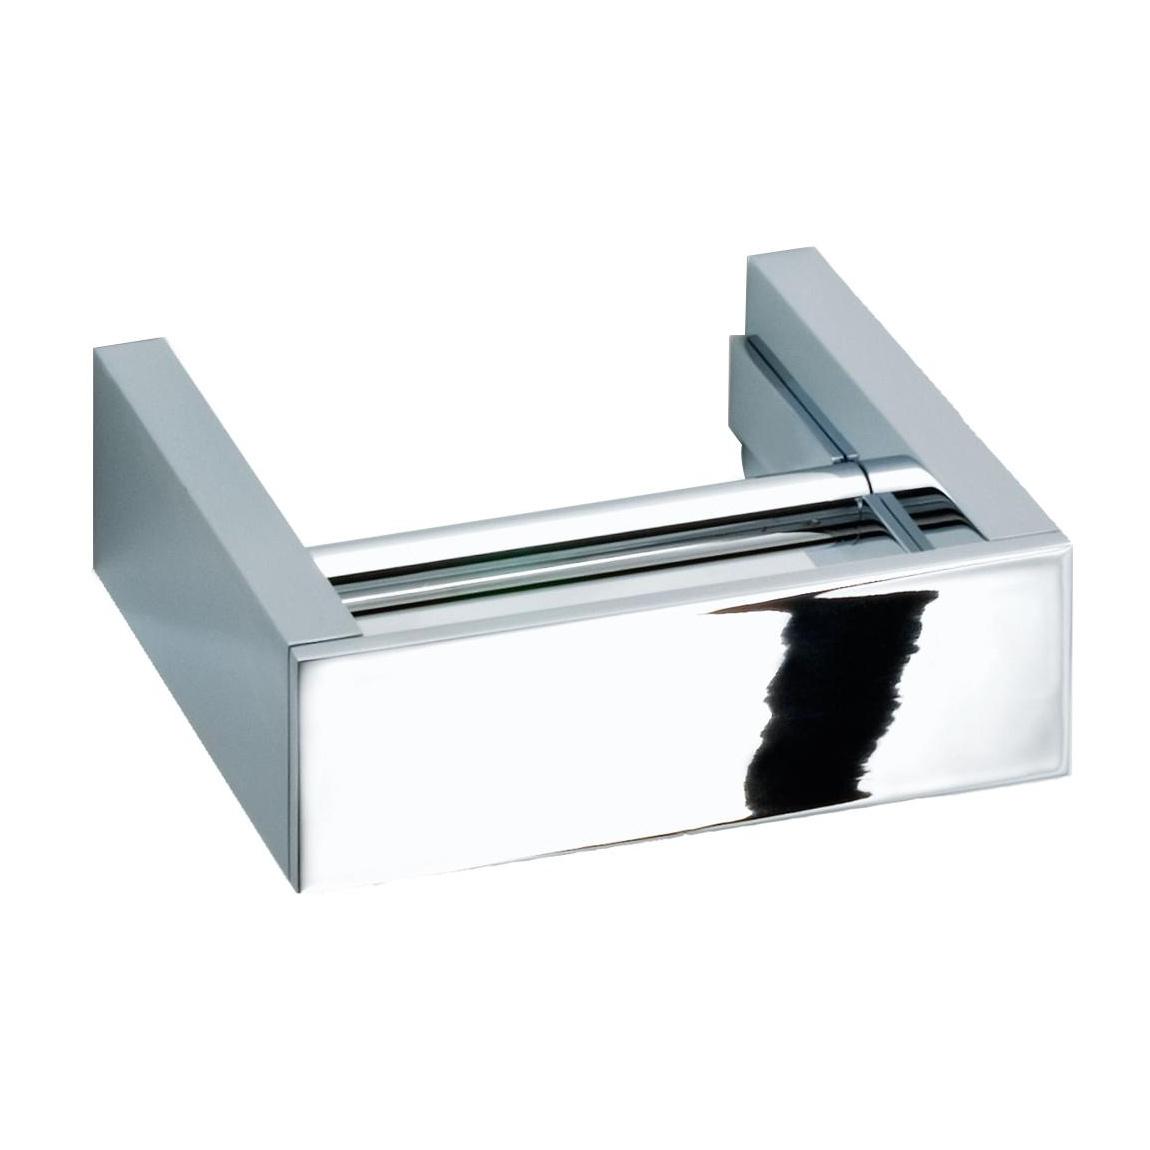 Decor Walther - Brick BK TPH5 Toilettenpapierhalter - chrom/glänzend/BxHxT 15x5x13|5cm | Bad > Bad-Accessoires > Toilettenpapierhalter | Chrom | Chrom | Decor Walther